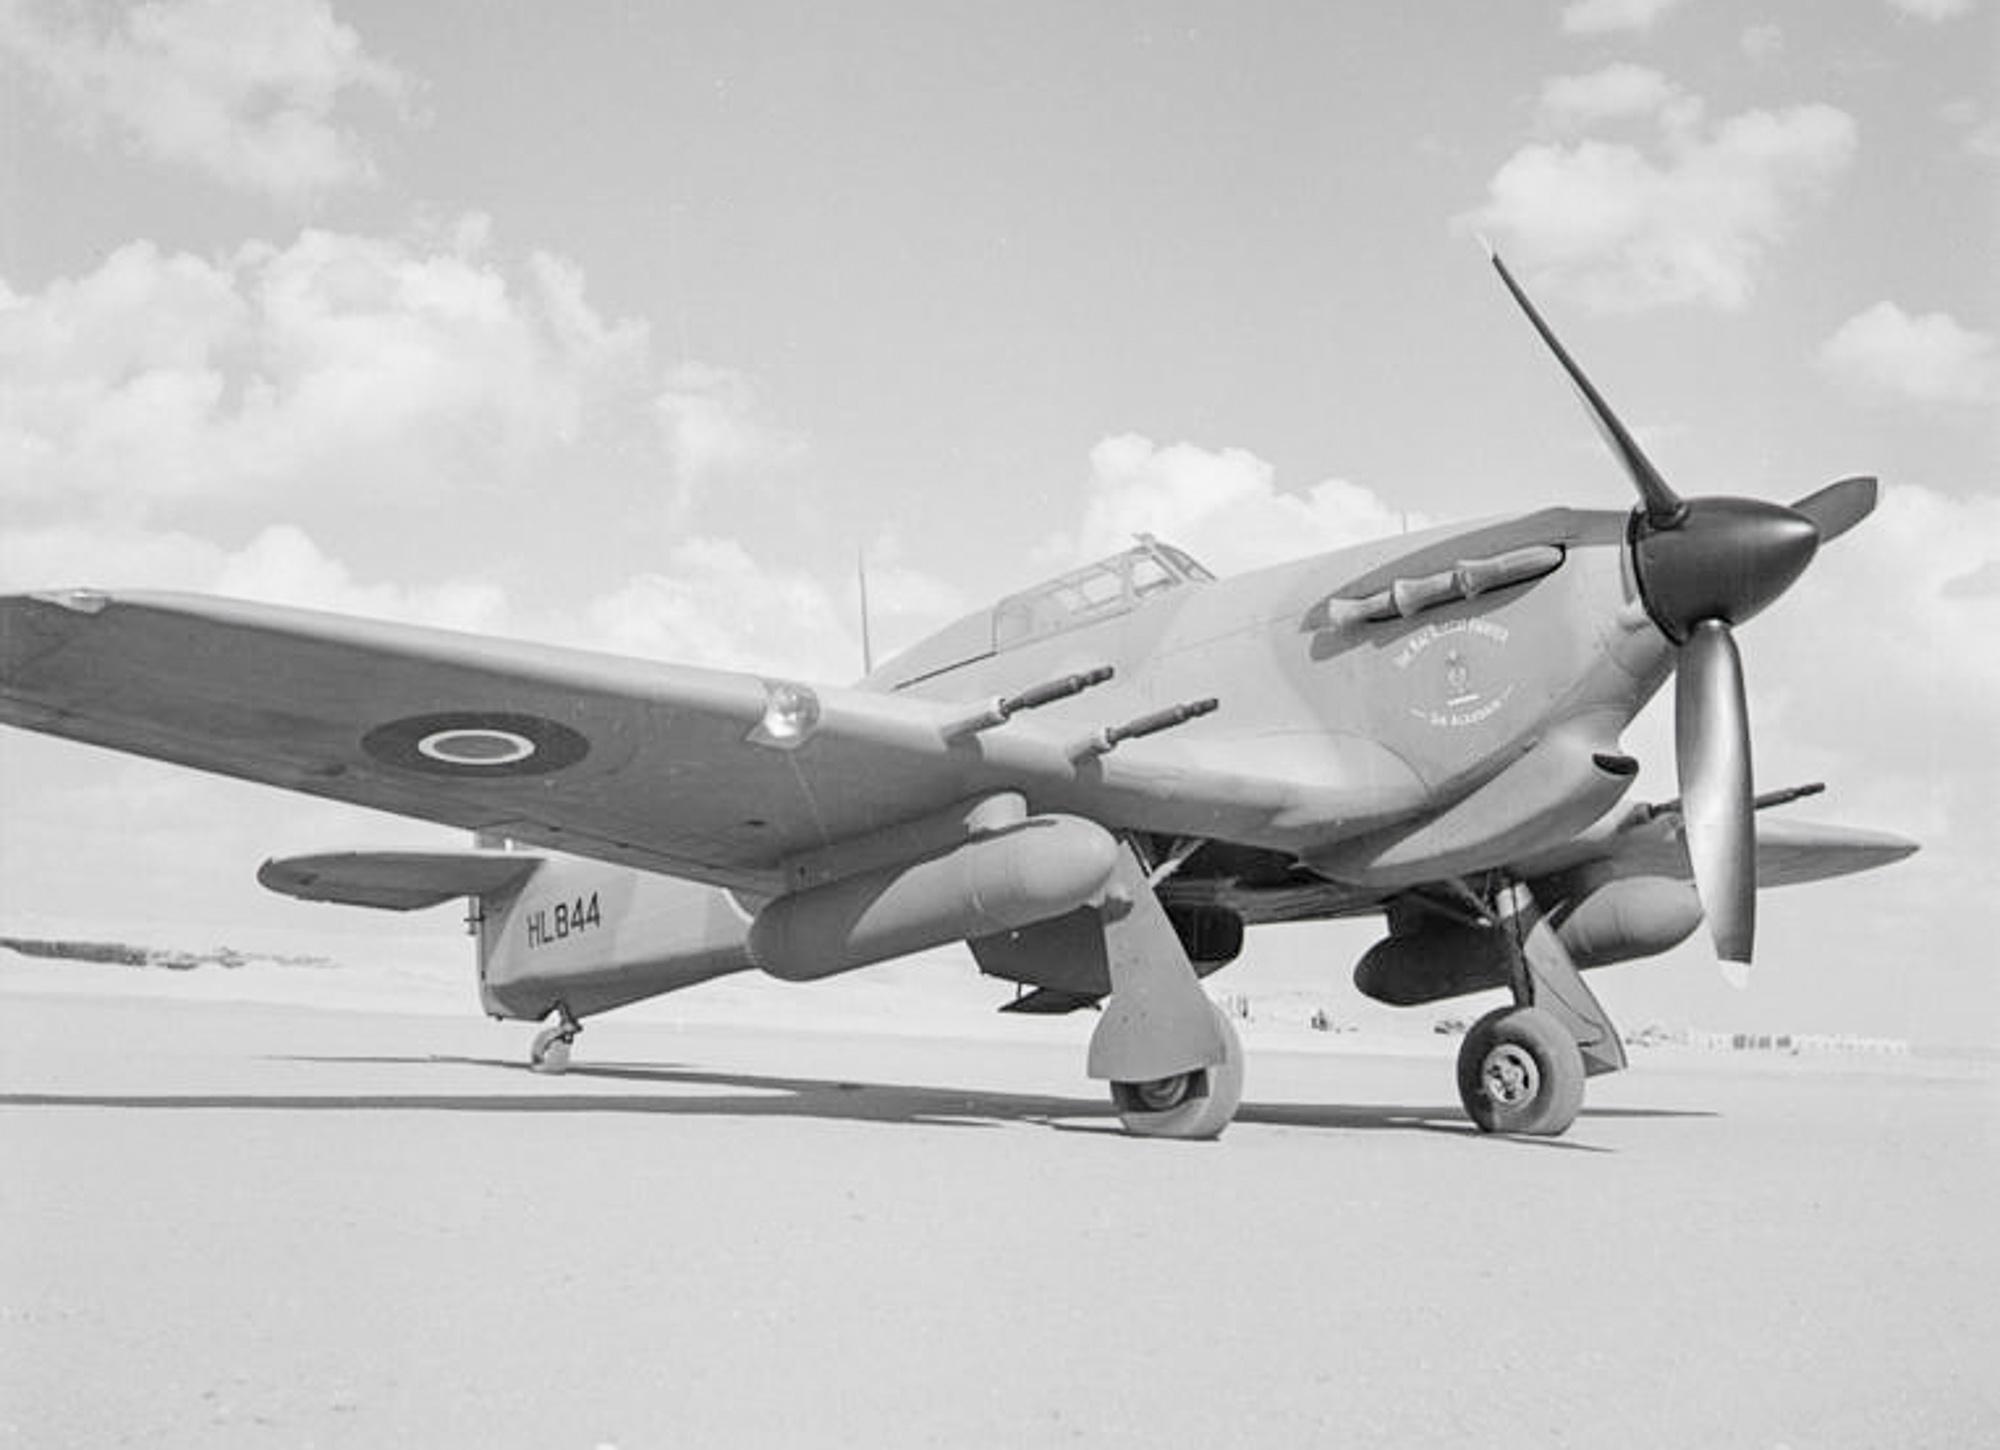 Hawker Hurricane Mark IIC - HL844